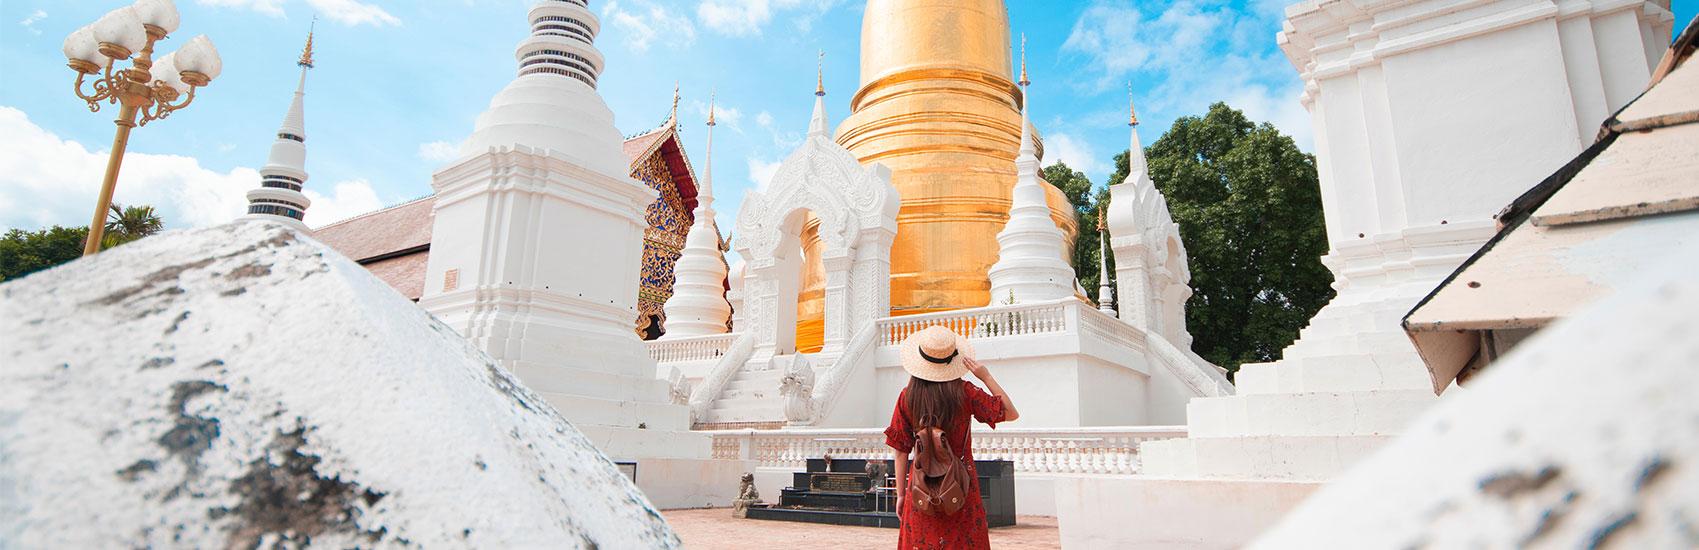 Thailand Allure 3